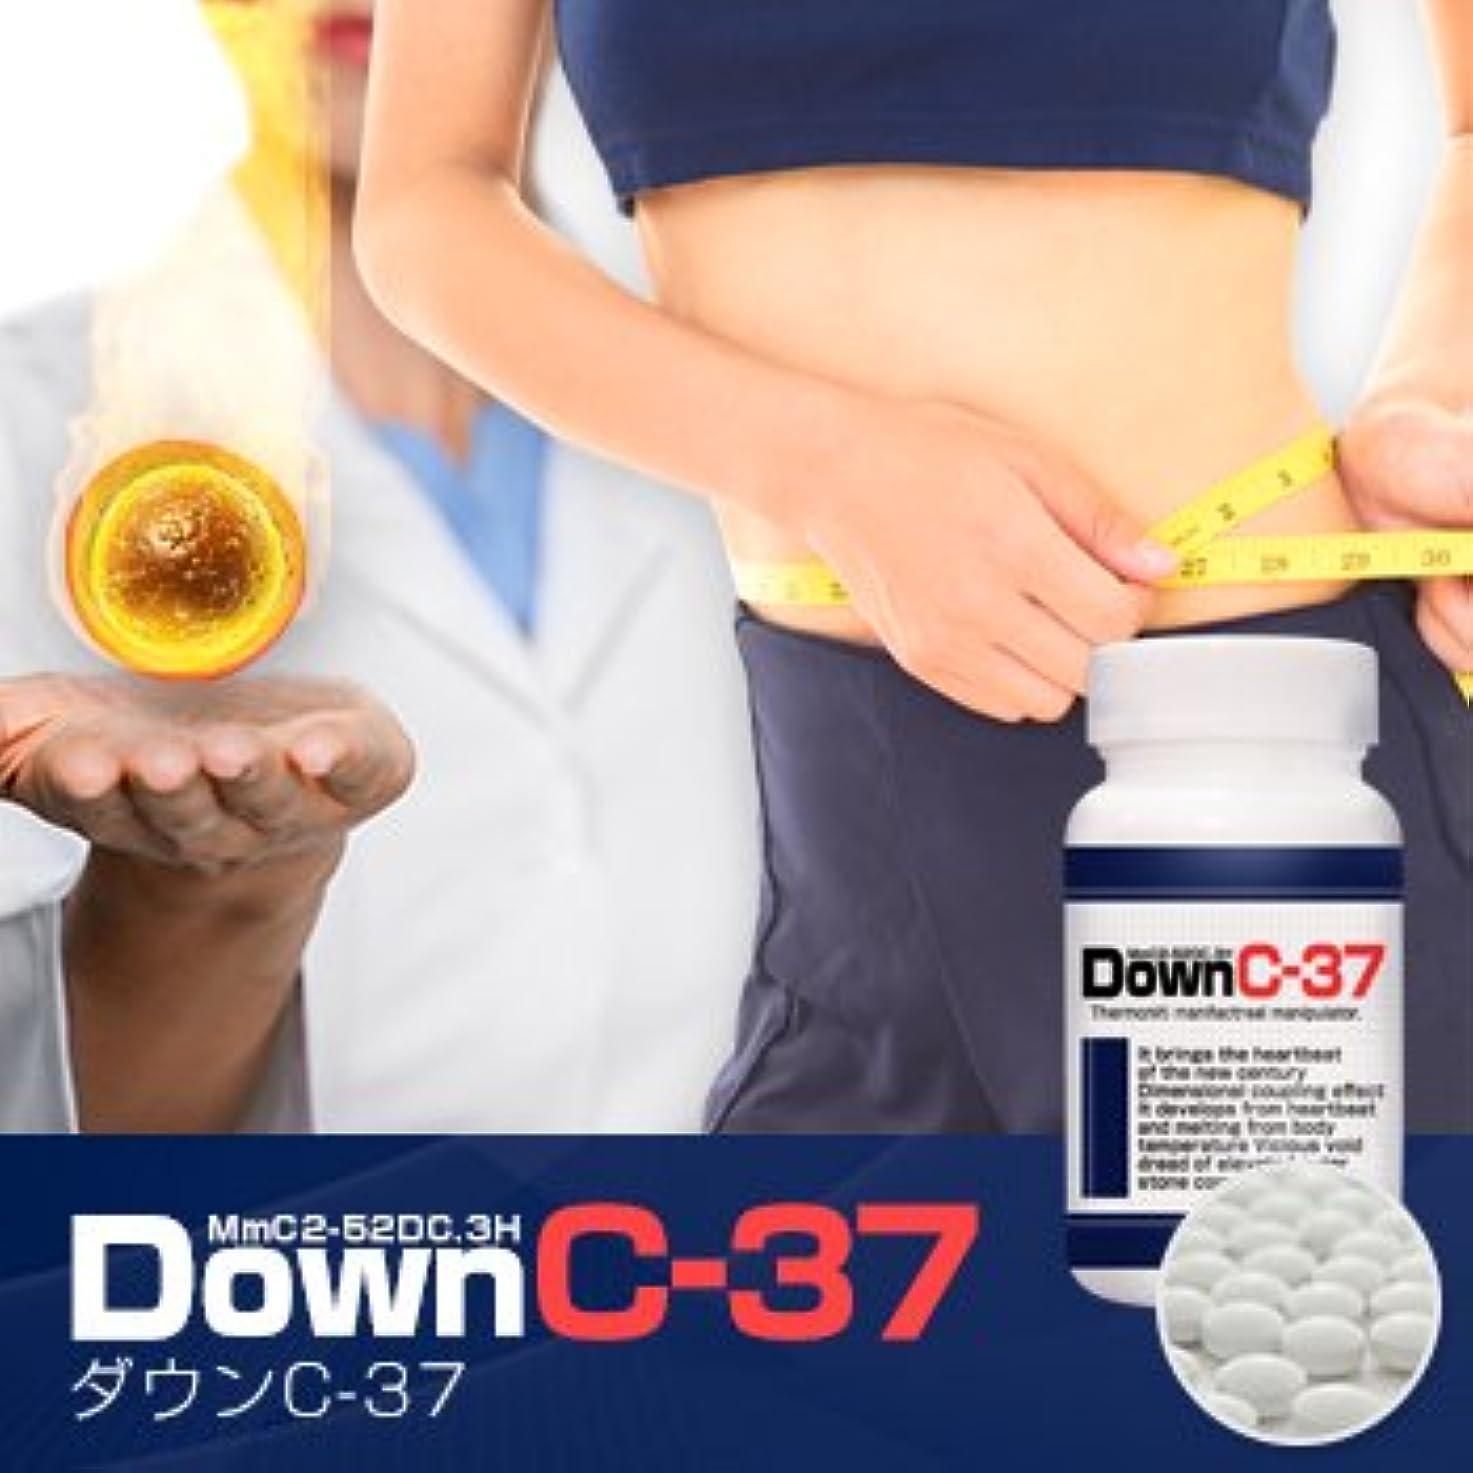 禁輸病気だと思う飾り羽DownC-37(ダウンシー37)